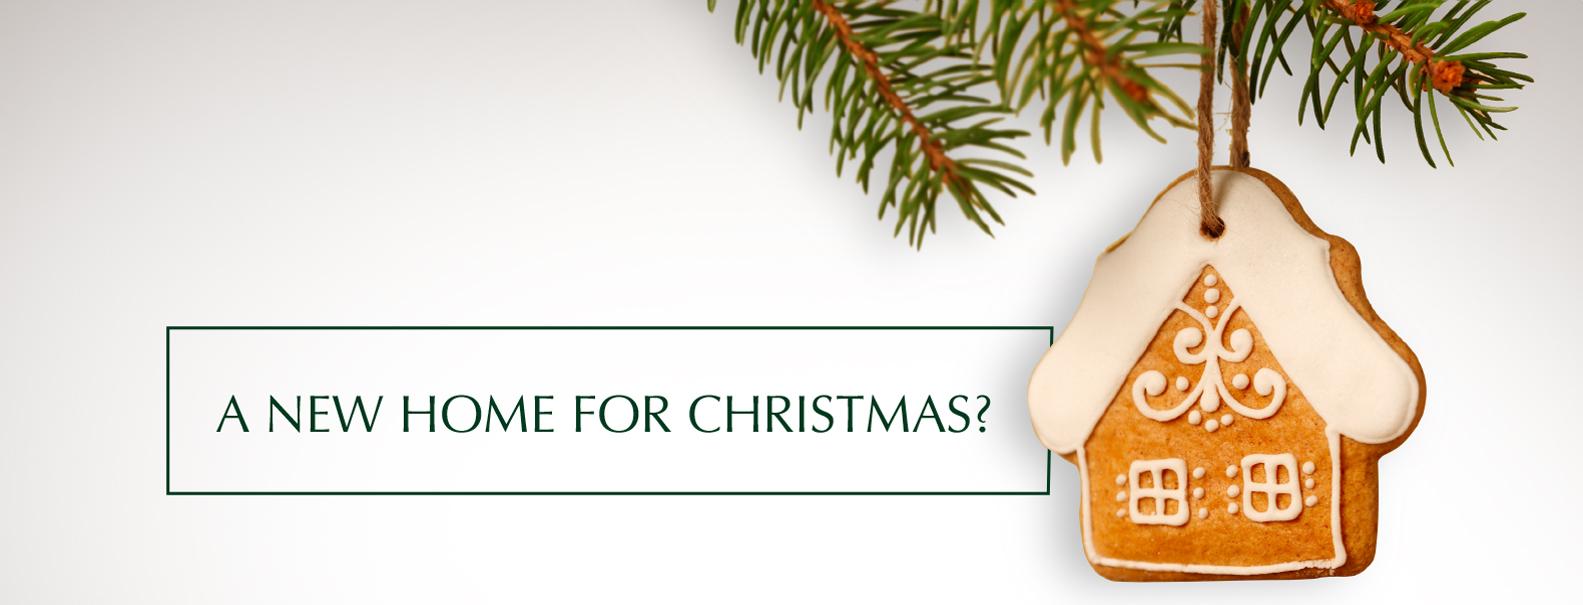 Now is the time to sell if you want to be in a new home for Christmas